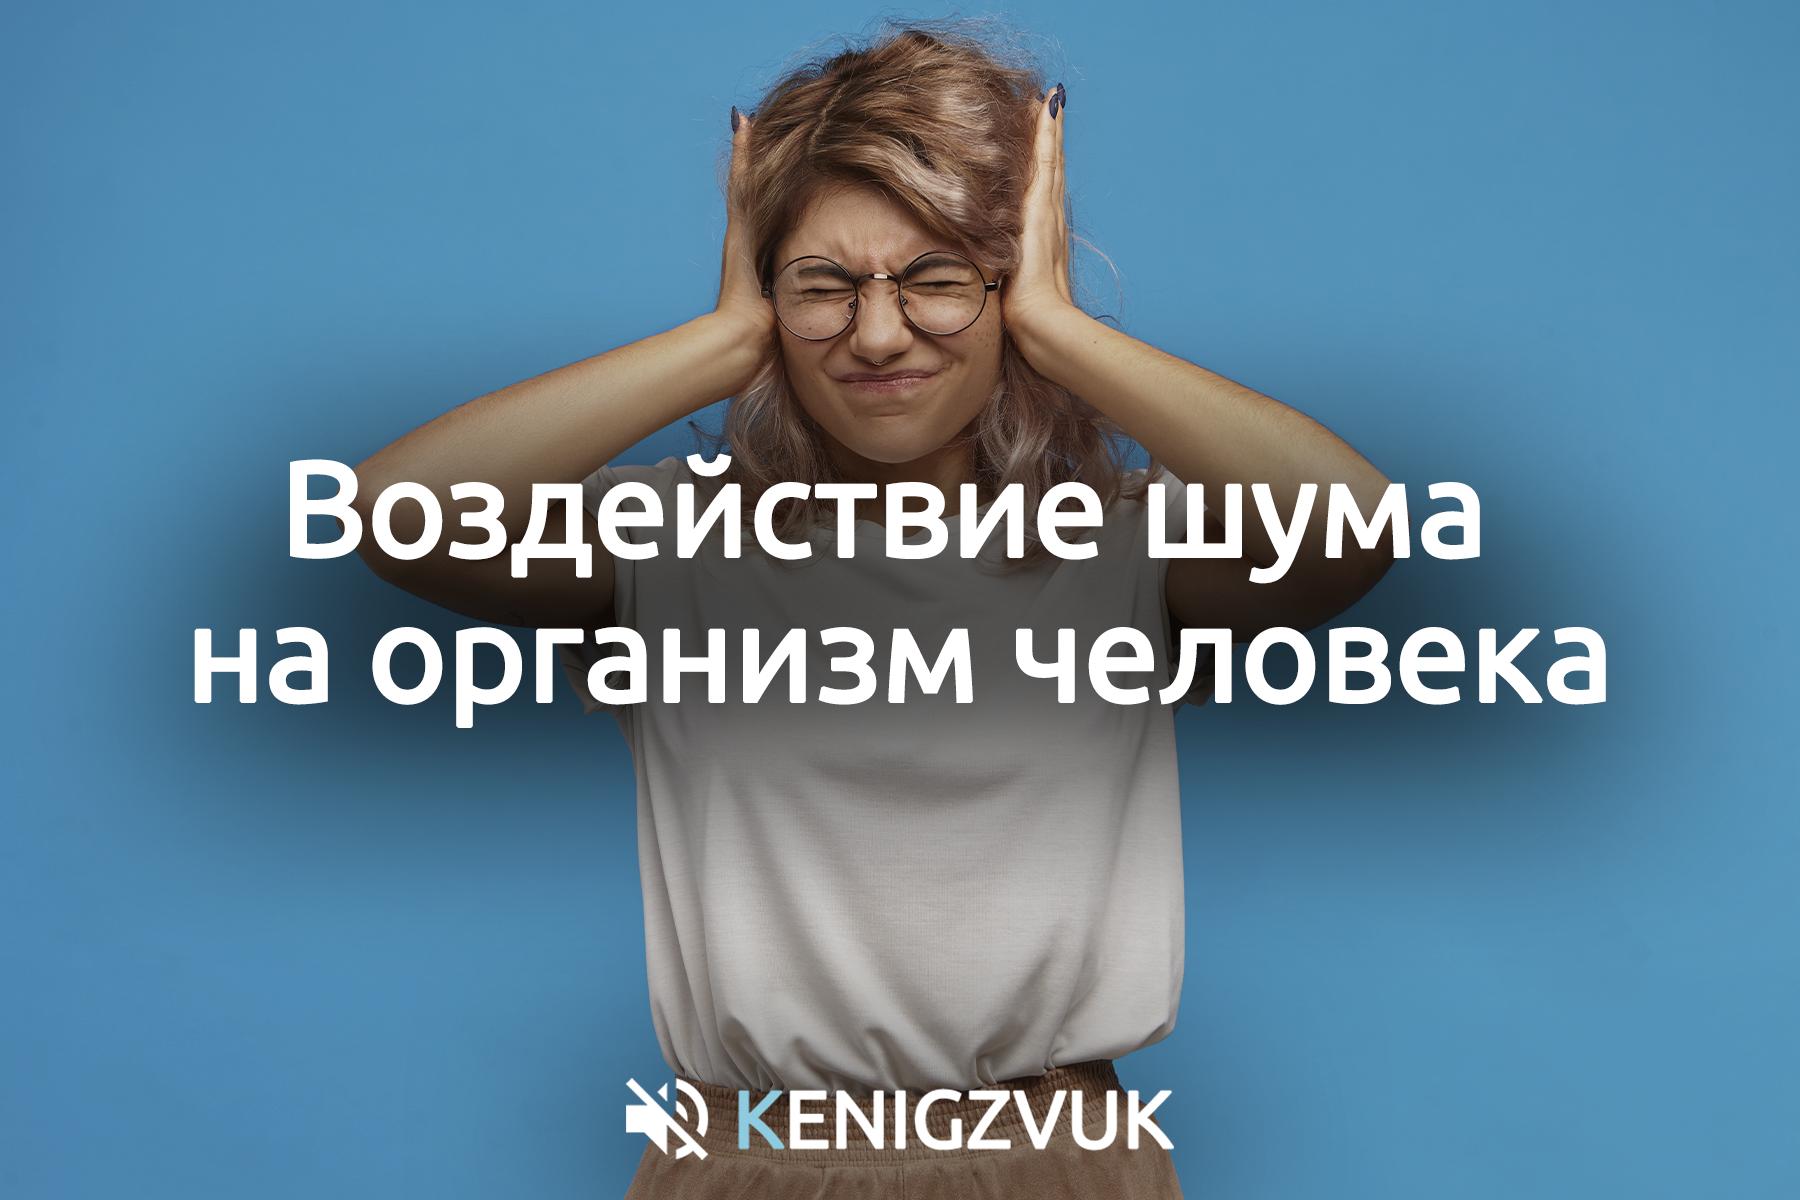 KenigZvuk | Звукоизоляция Калининград - Воздействие шума на организм человека